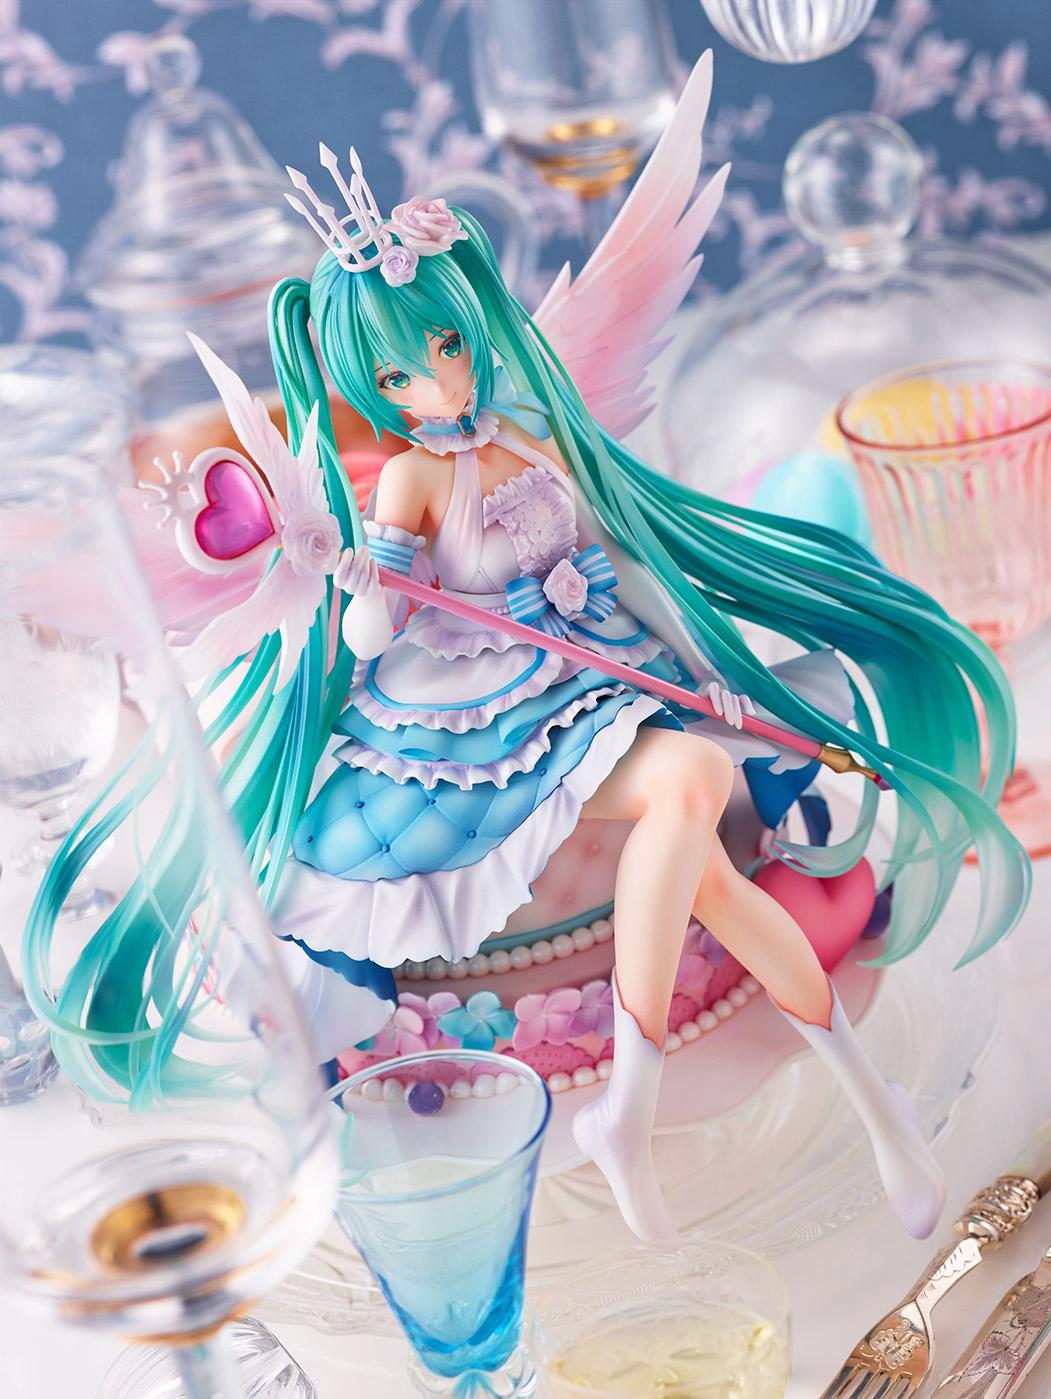 【限定販売】初音ミク『Birthday 2020~Sweet Angel ver.~』1/7 完成品フィギュア-006